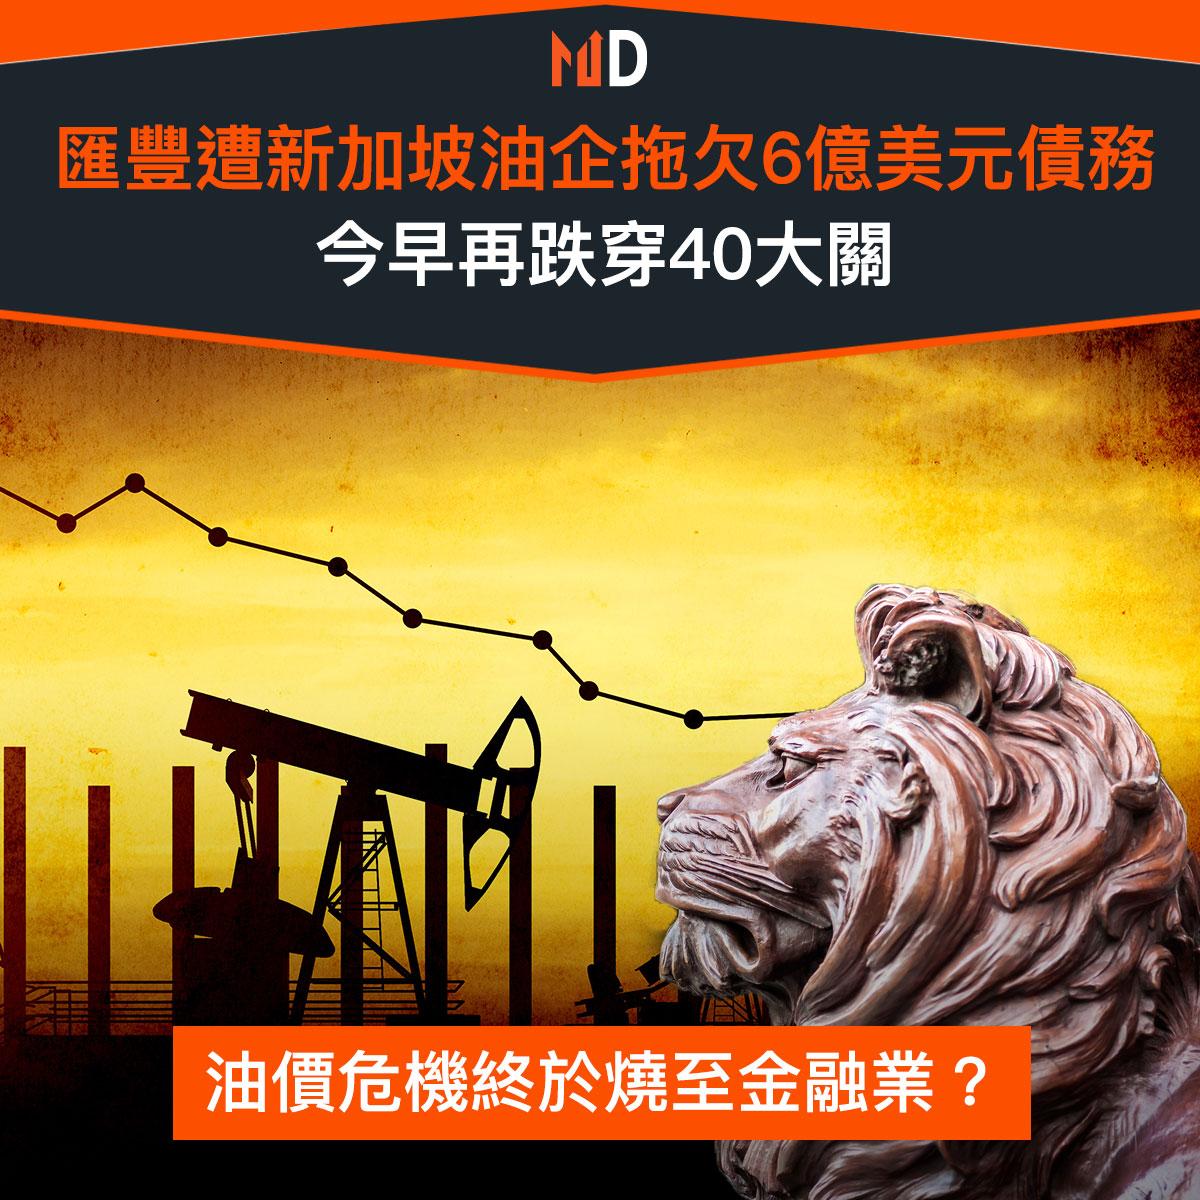 【市場熱話】匯豐遭新加坡油企拖欠6億美元債務,今早再跌穿40大關